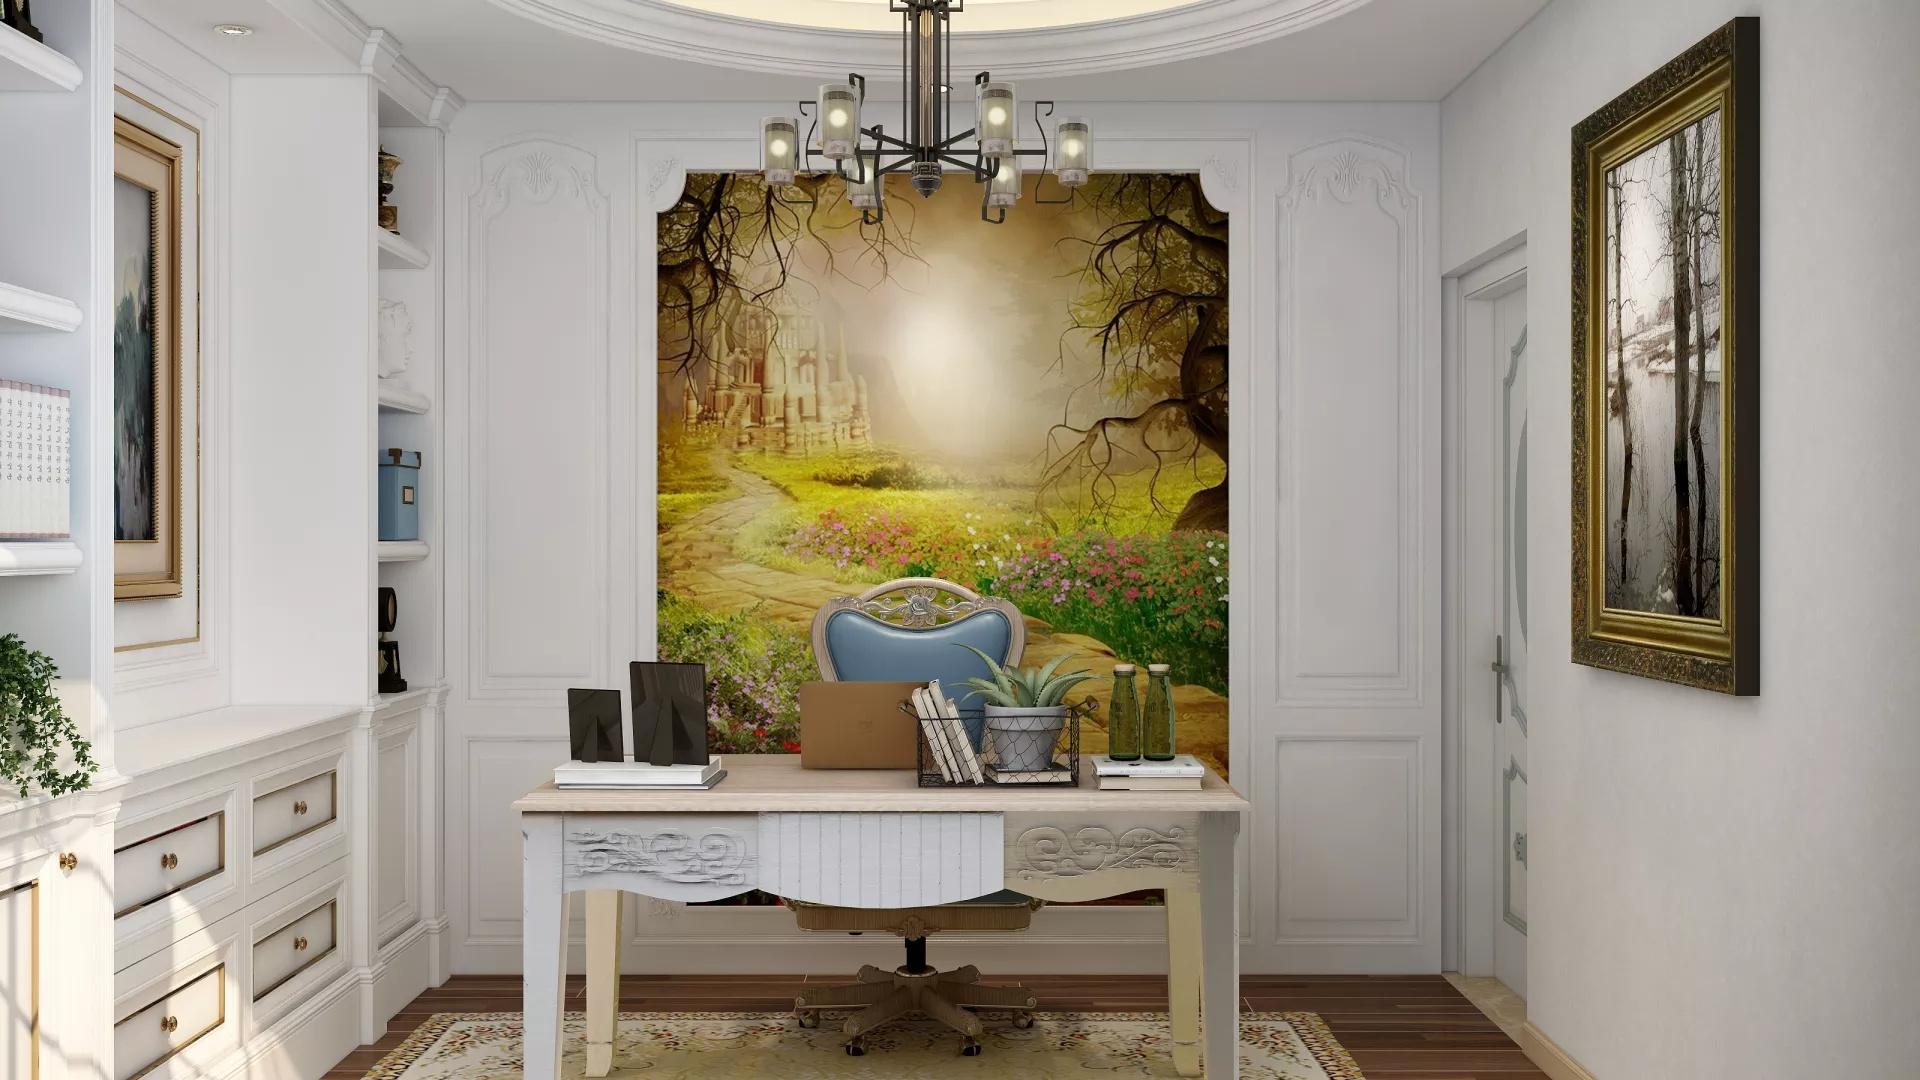 许多设计师在办公装修中为什么仍然采用传统的格栅灯和日光灯照明。